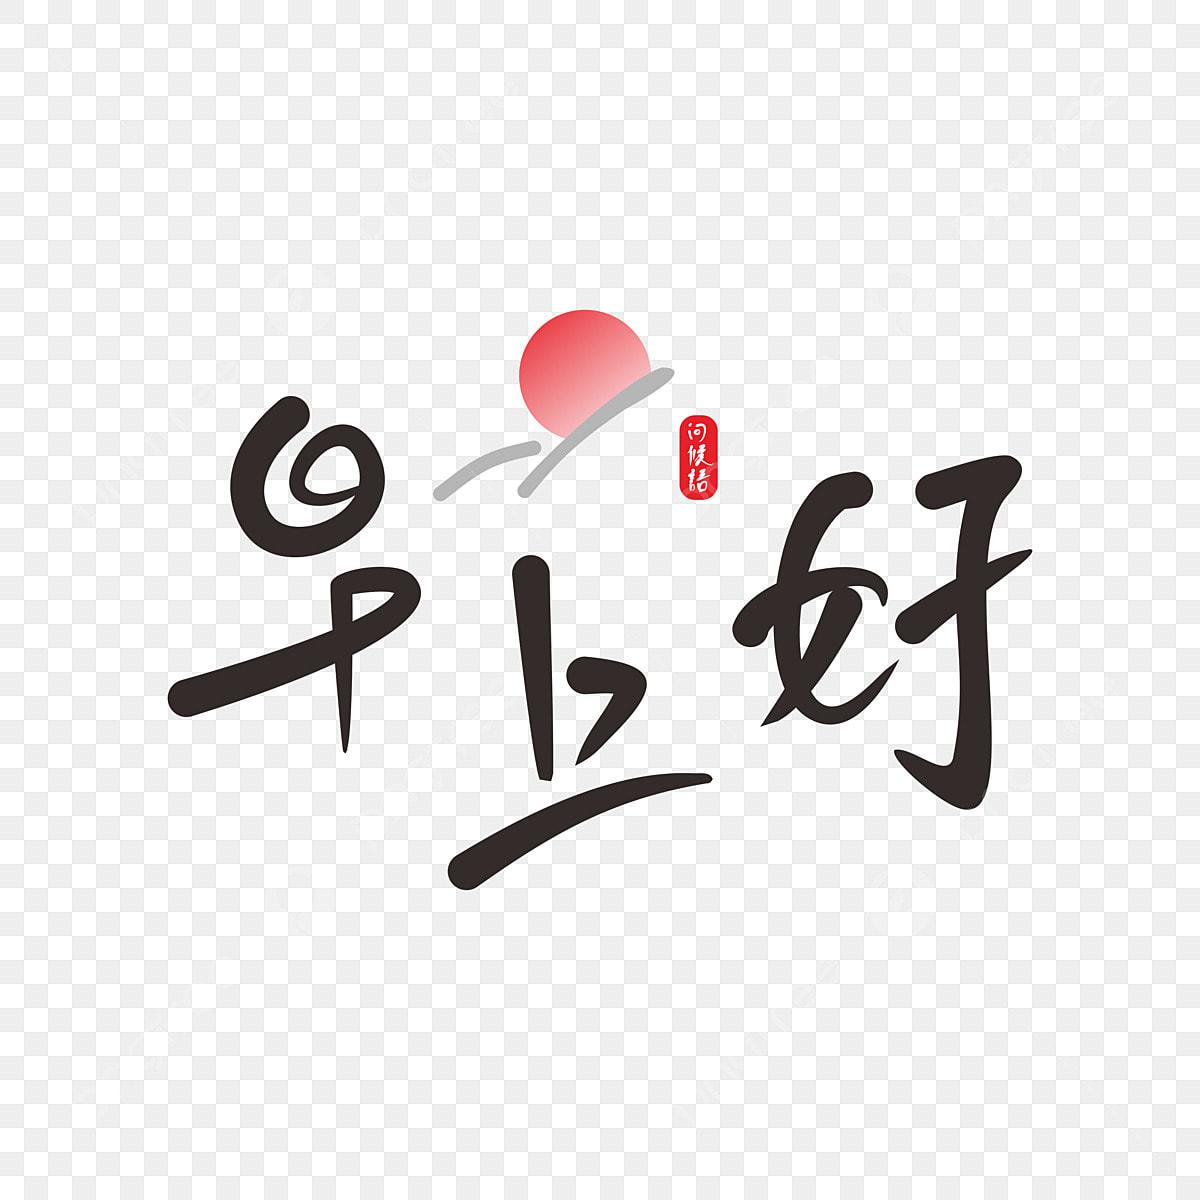 Guten Morgen Gruß Handgeschriebene Gusskarte Druck Emoticon